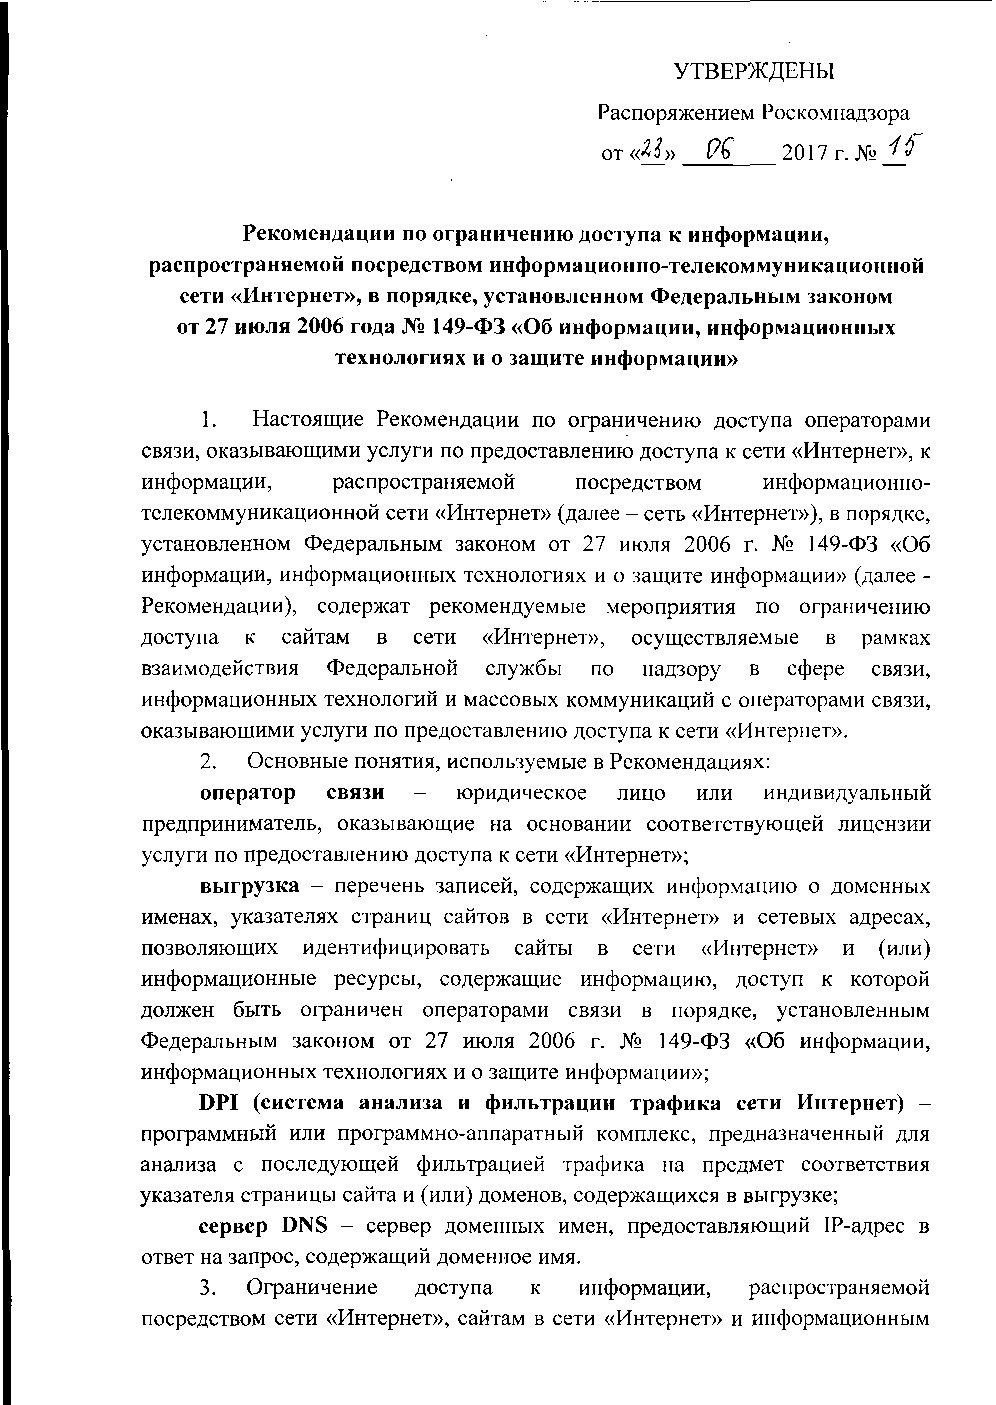 Новые рекомендации по ограничению доступа от «Роскомнадзора» - 4